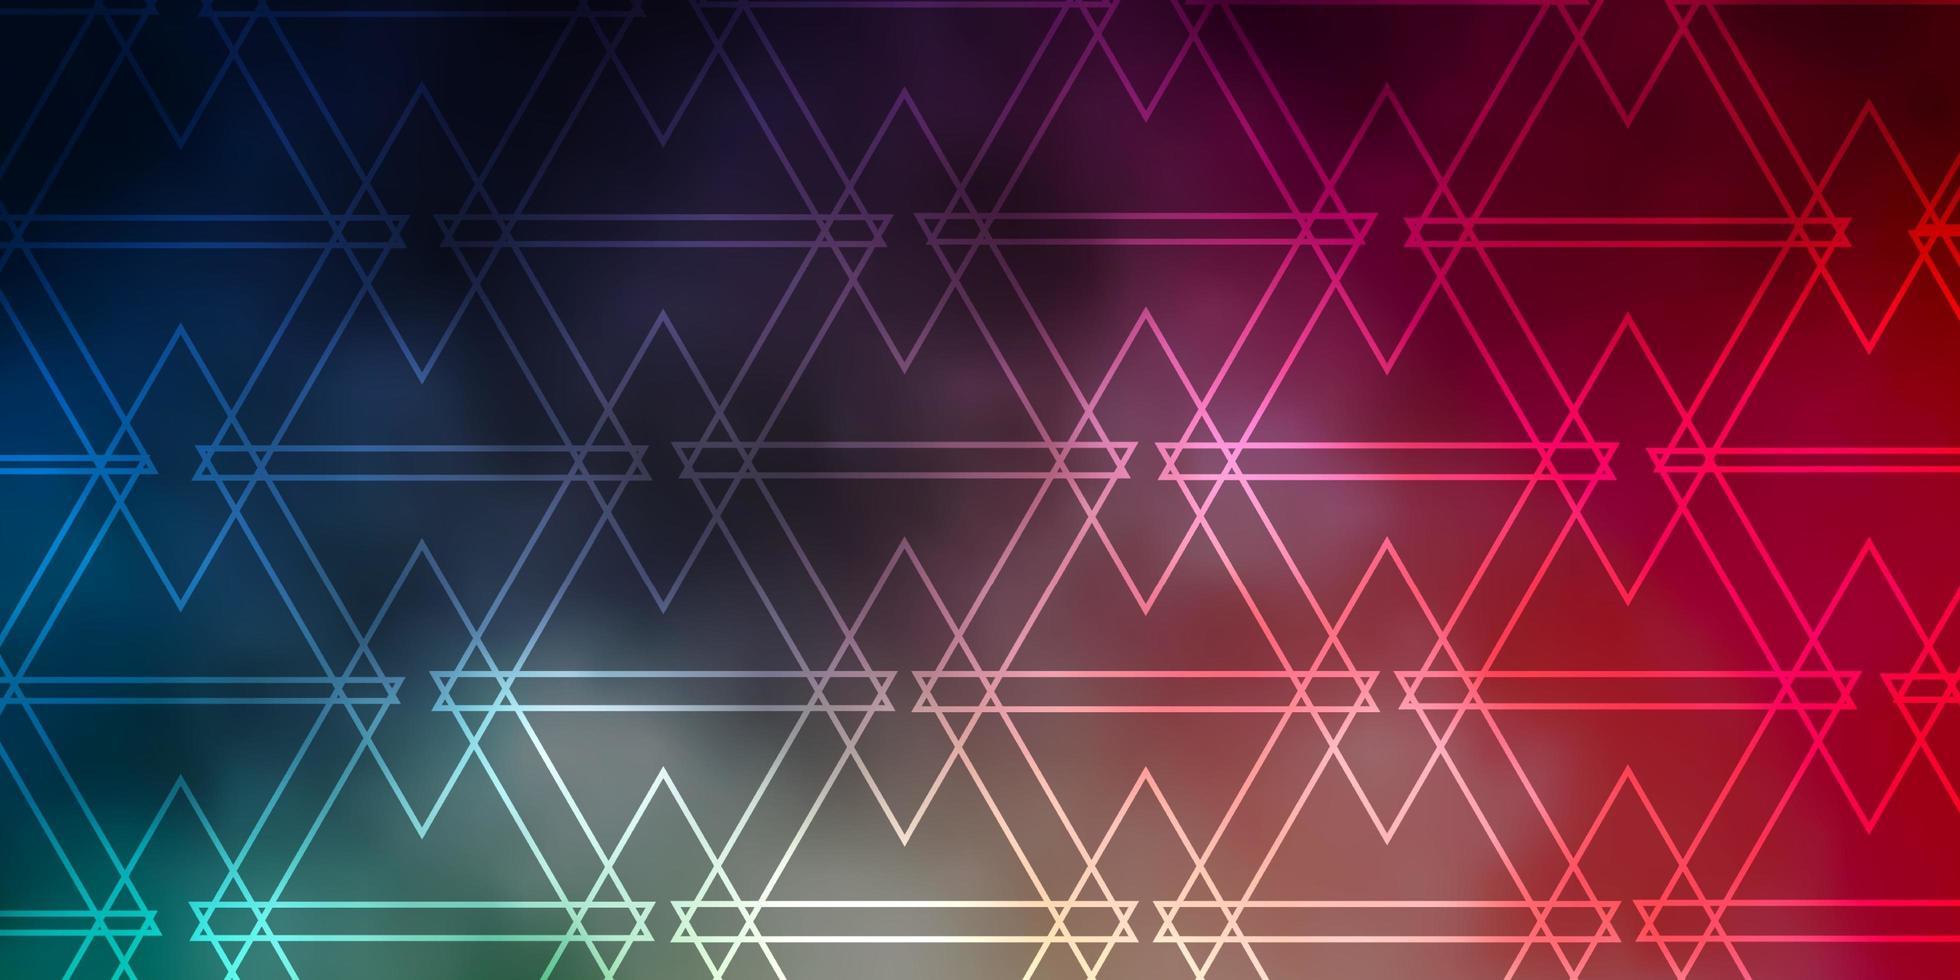 padrão de vetor verde e vermelho claro com estilo poligonal.